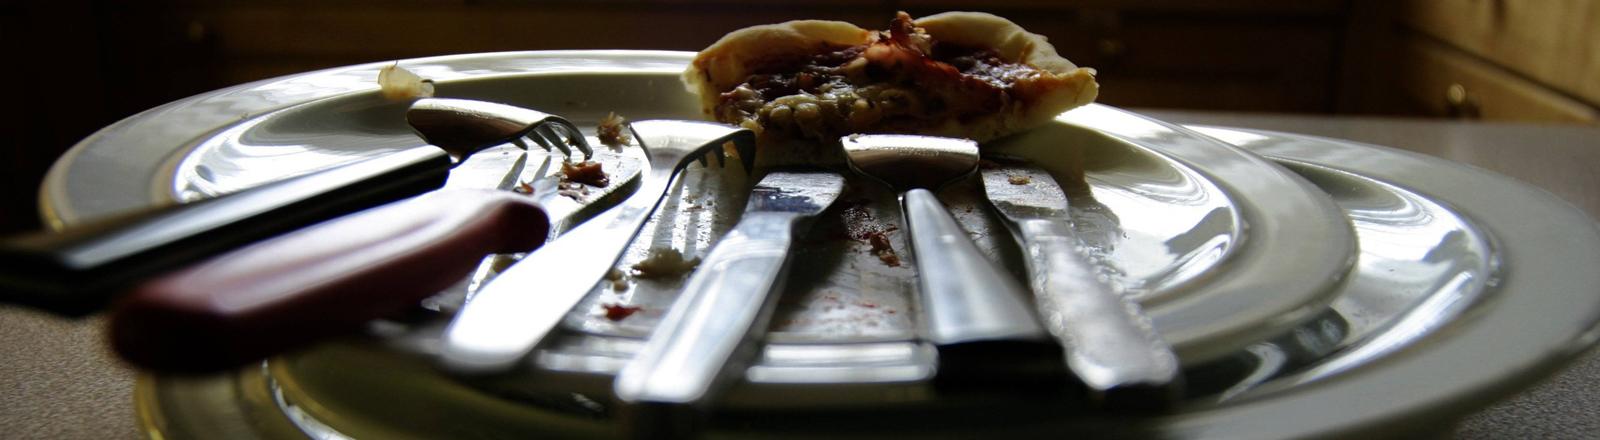 Gestapelte Teller, auf denen noch ein Rest Pizza liegt